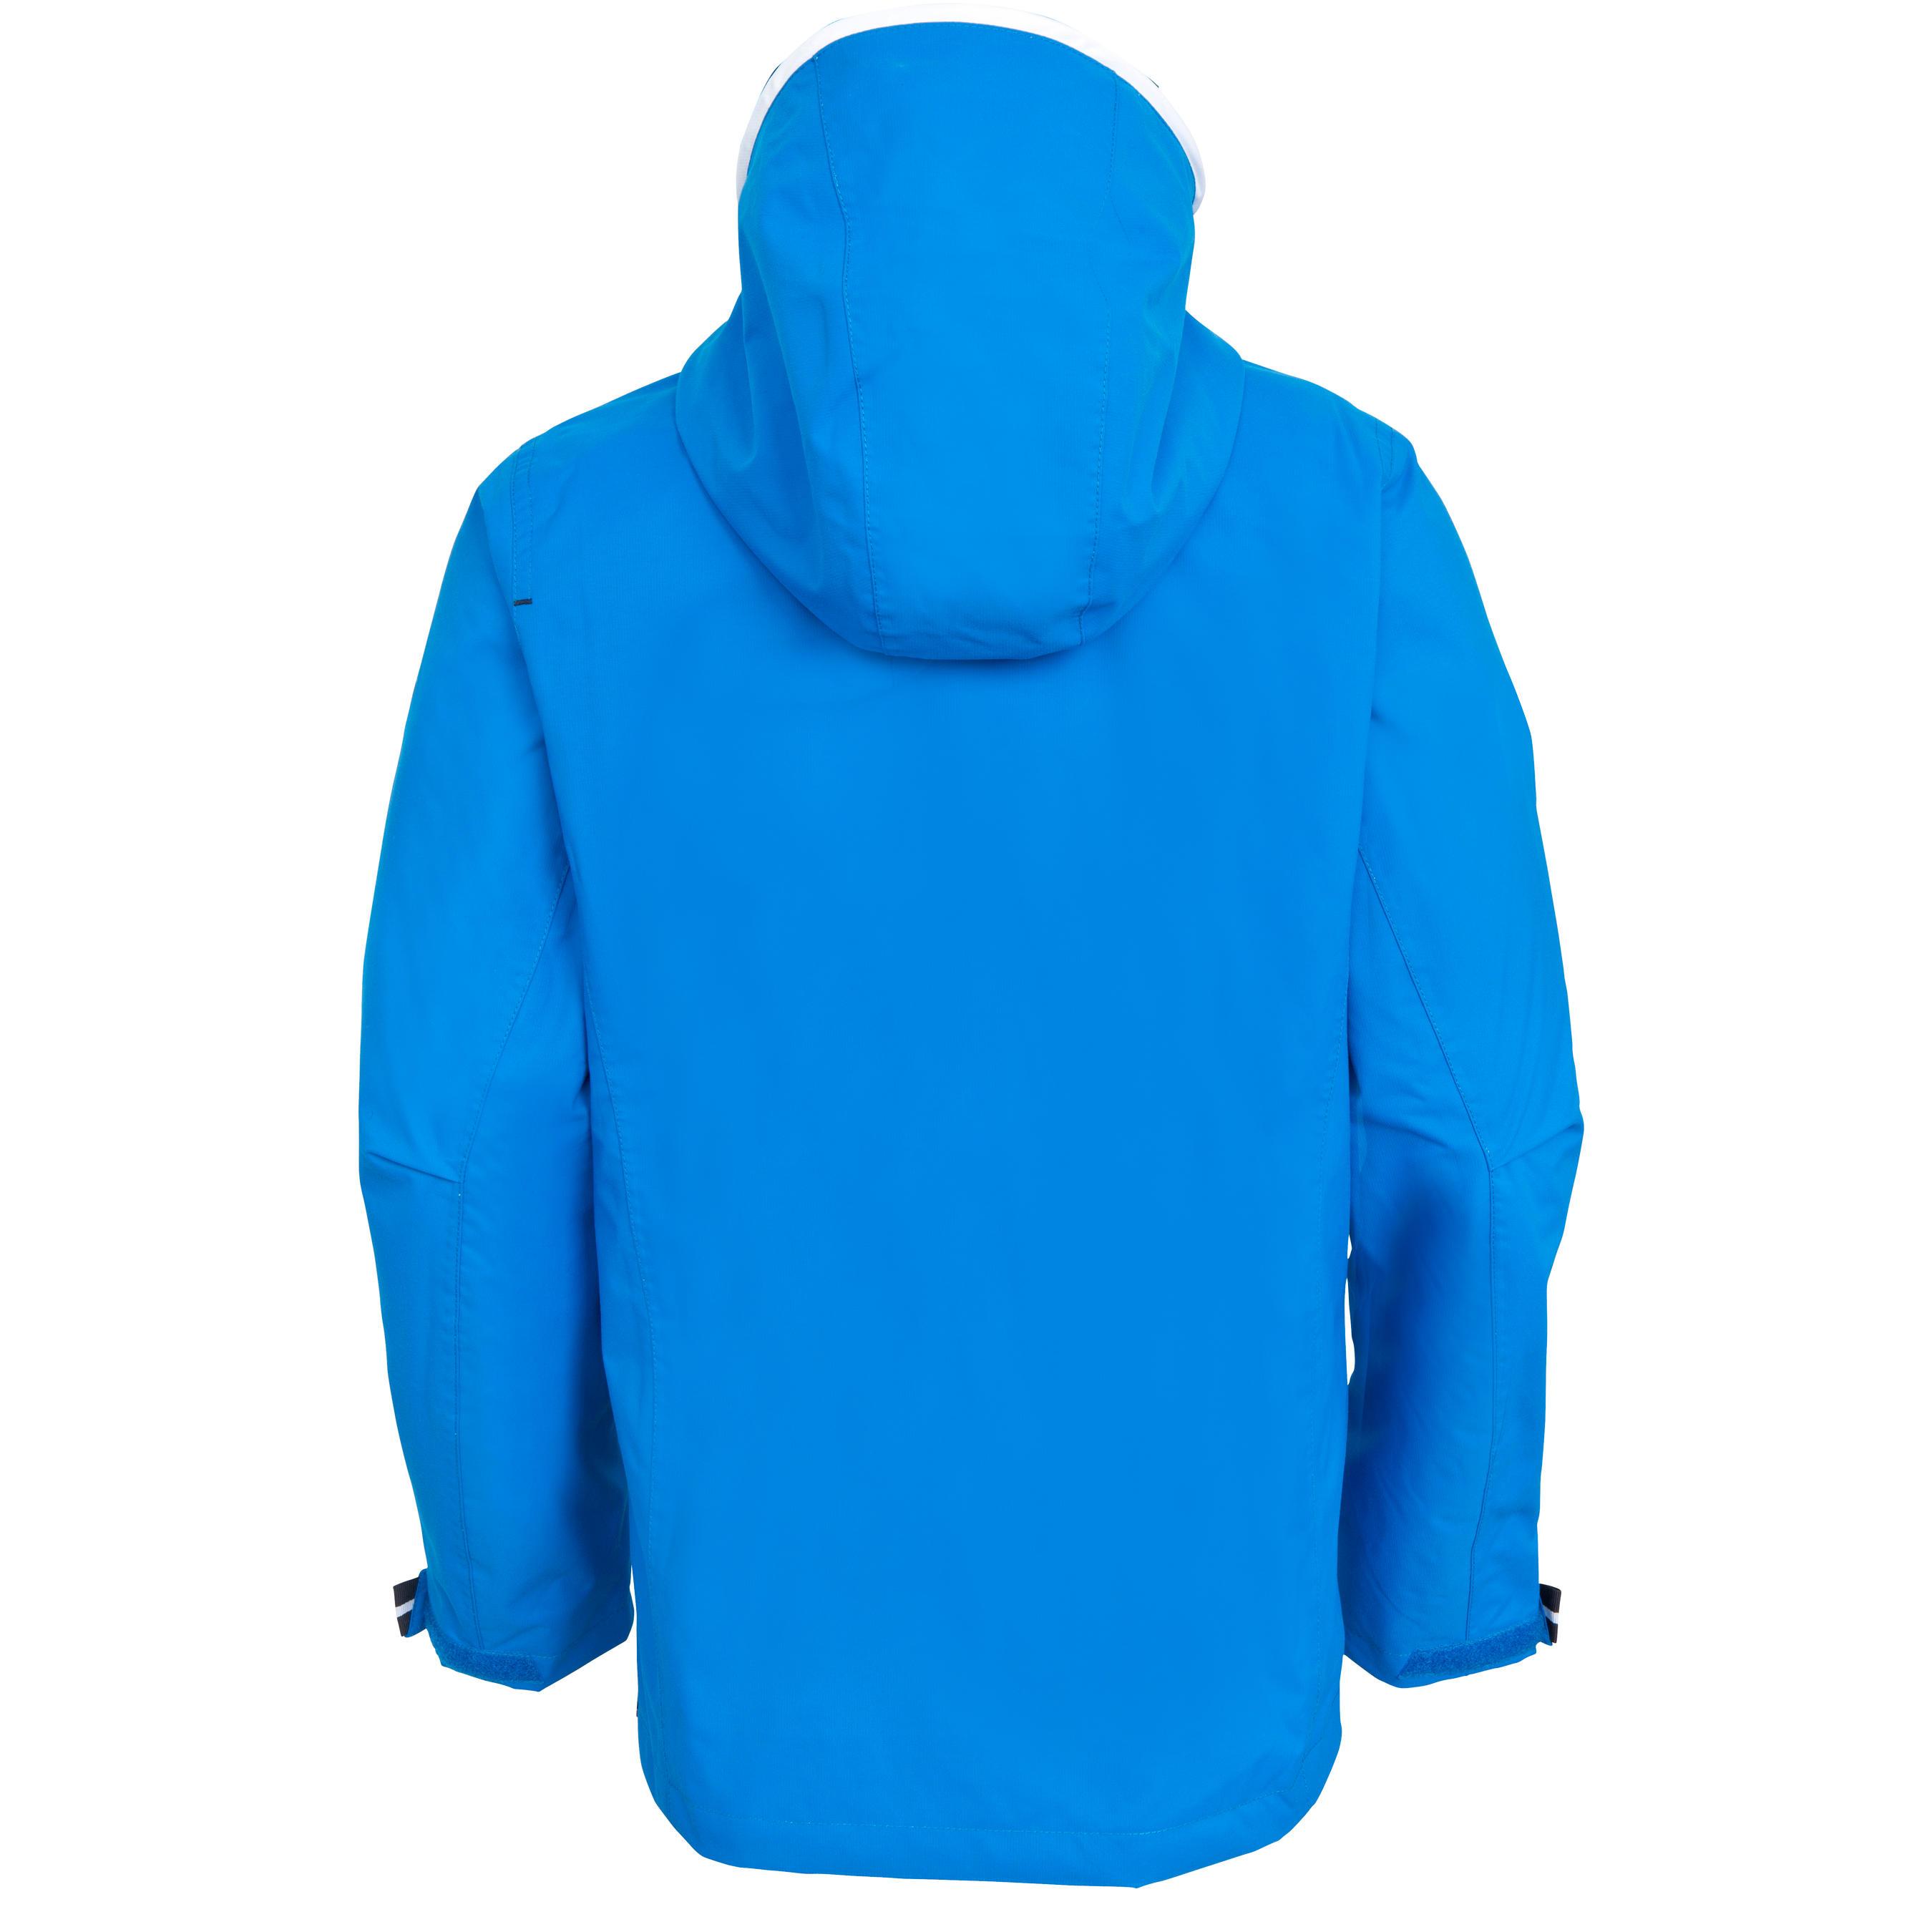 Ciré imperméable de voile enfant 100 bleu vif